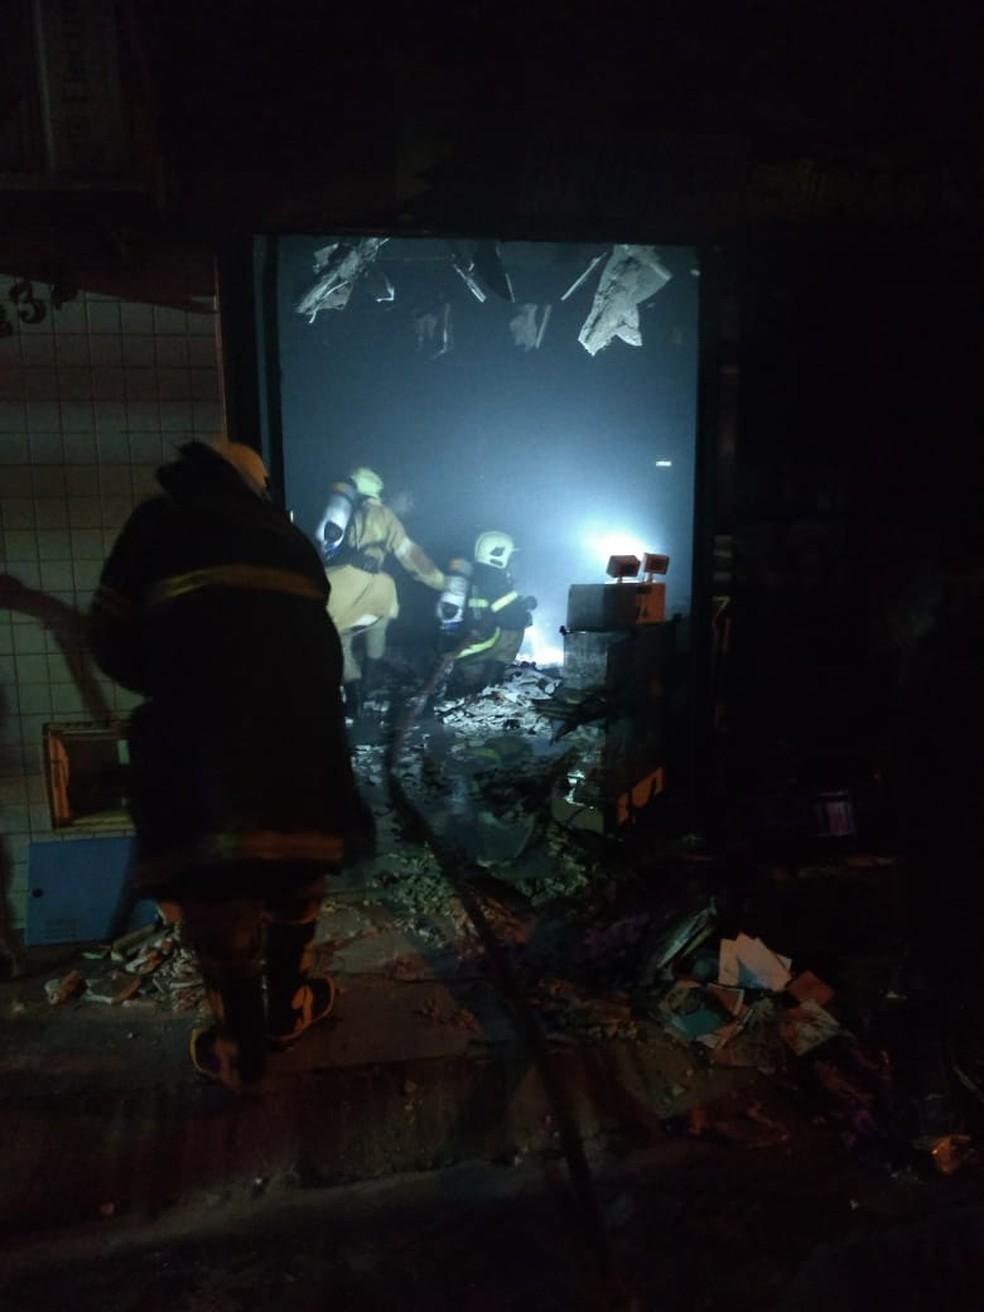 Incêndio atinge gráfica em Tabuleiro do Norte e bombeiros usam 3 mil litros de água para combater as chamas. — Foto: Corpo de Bombeiros/Divulgação